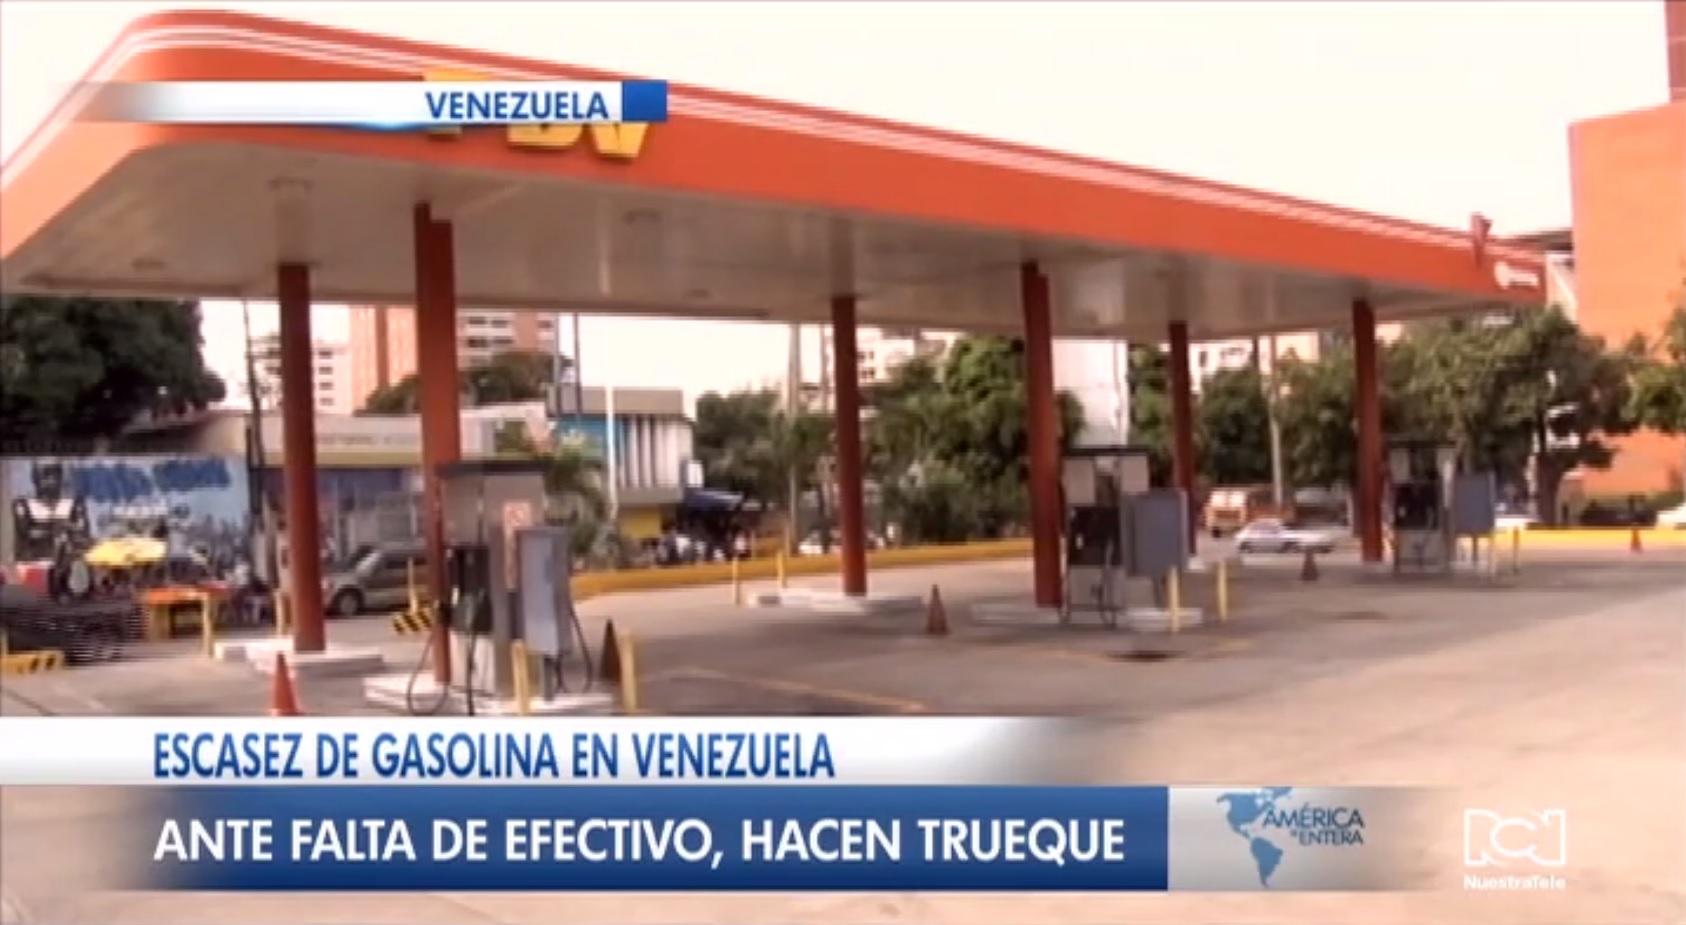 Ante la escasez de gasolina y falta de efectivo venezolanos hacen truques para abastecerse de combustible